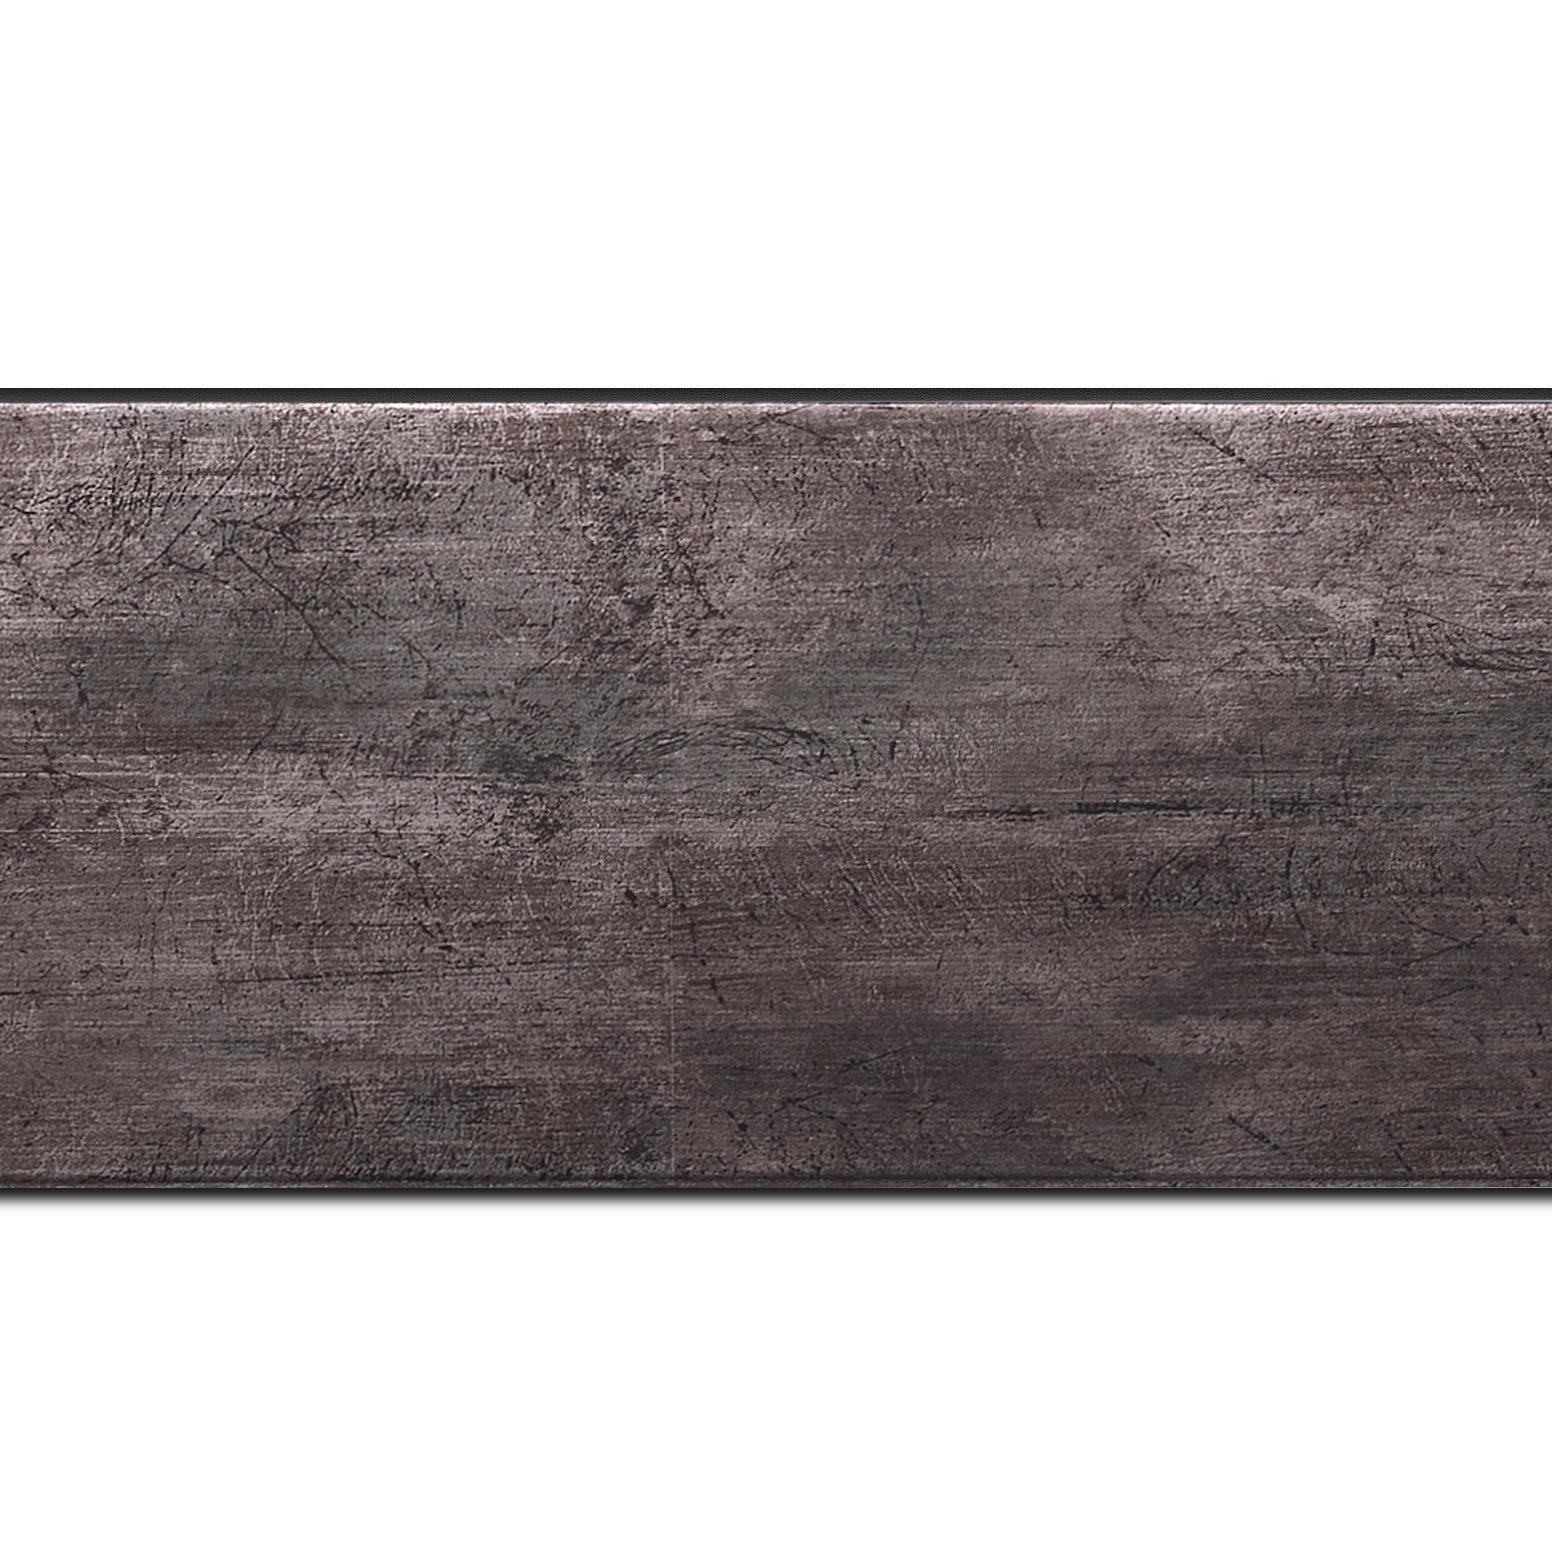 Baguette longueur 1.40m bois profil plat largeur 8.1cm argent étain contemporain